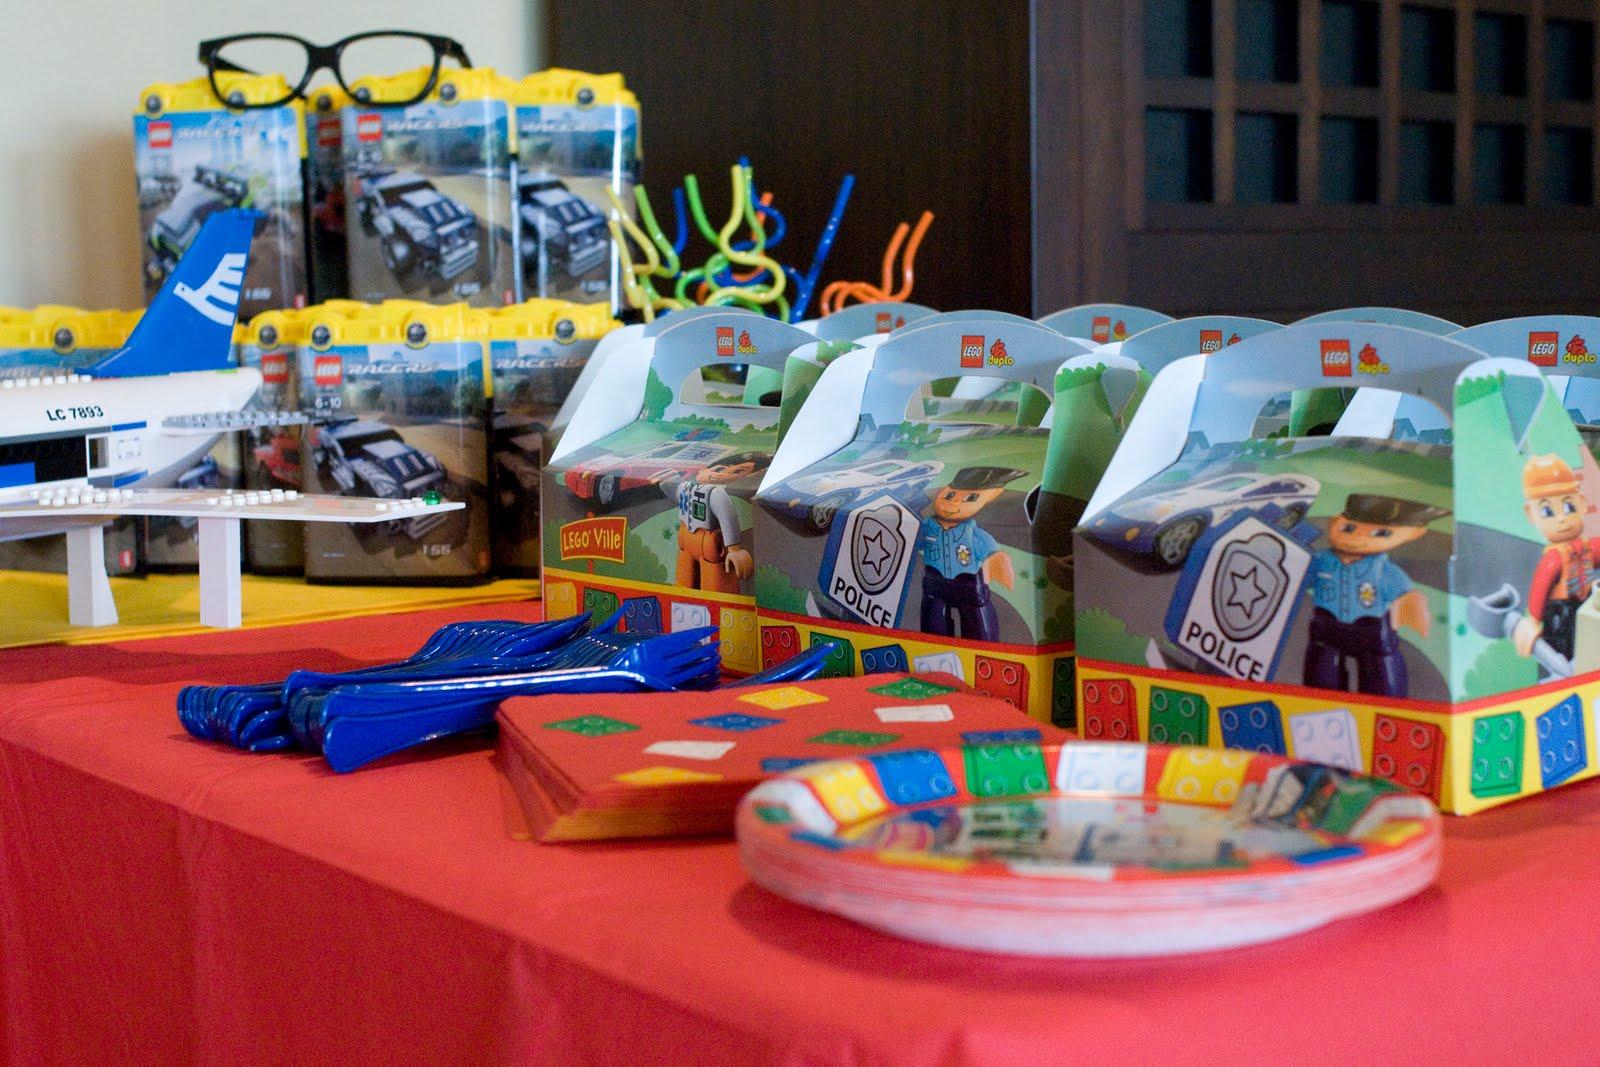 Lego Birthday Party Cake Ideas